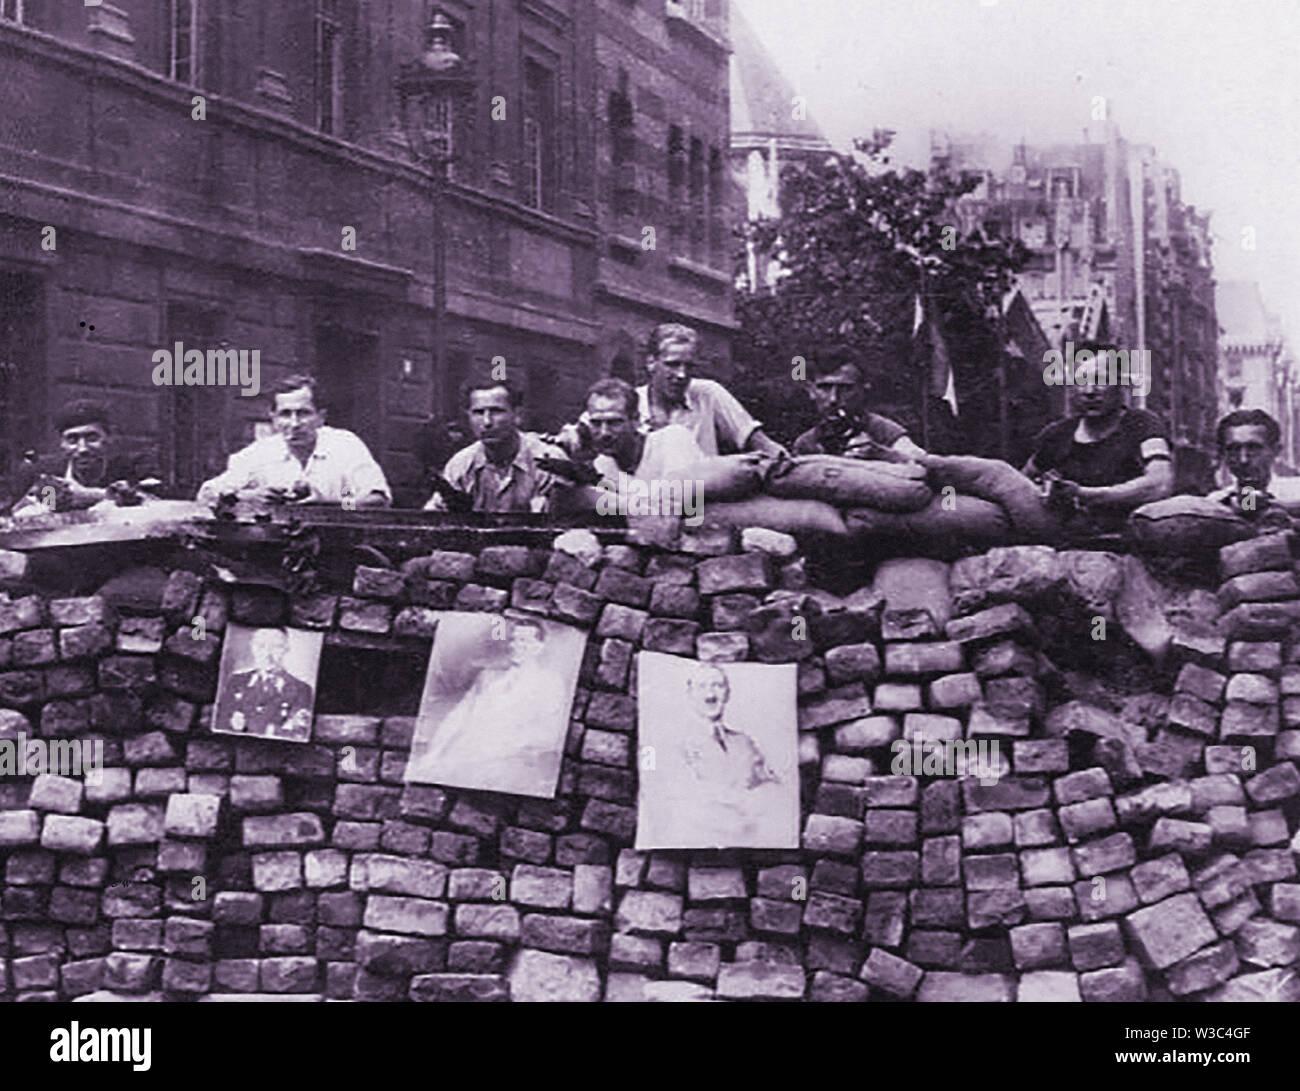 WWII vieja fotografía impresa de los miembros de la resistencia francesa manning una barricada en París. Foto de stock